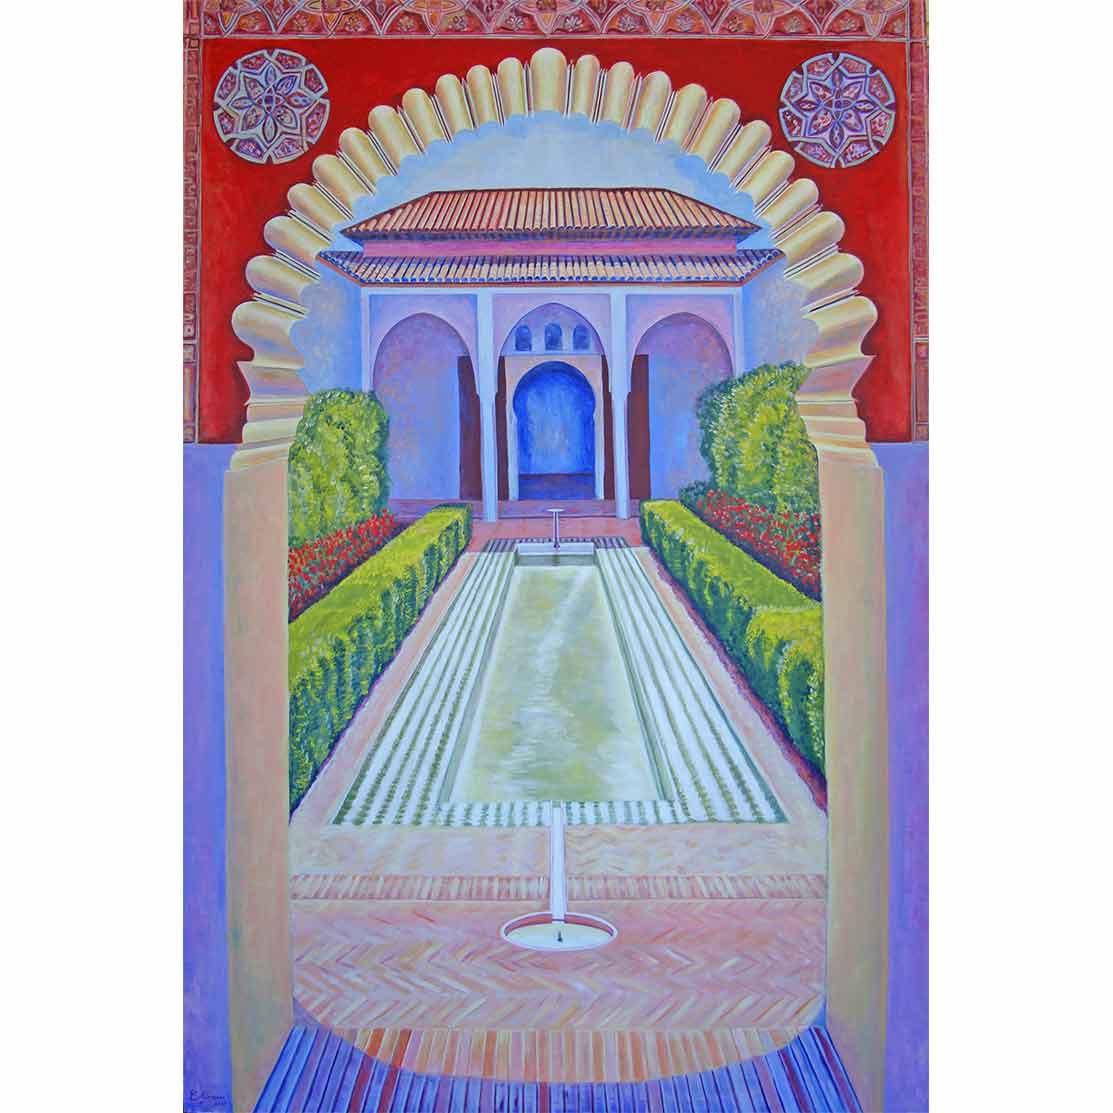 PATIO DE LA ALBERCA Acrílico sobre tabla 200 x 134 cm